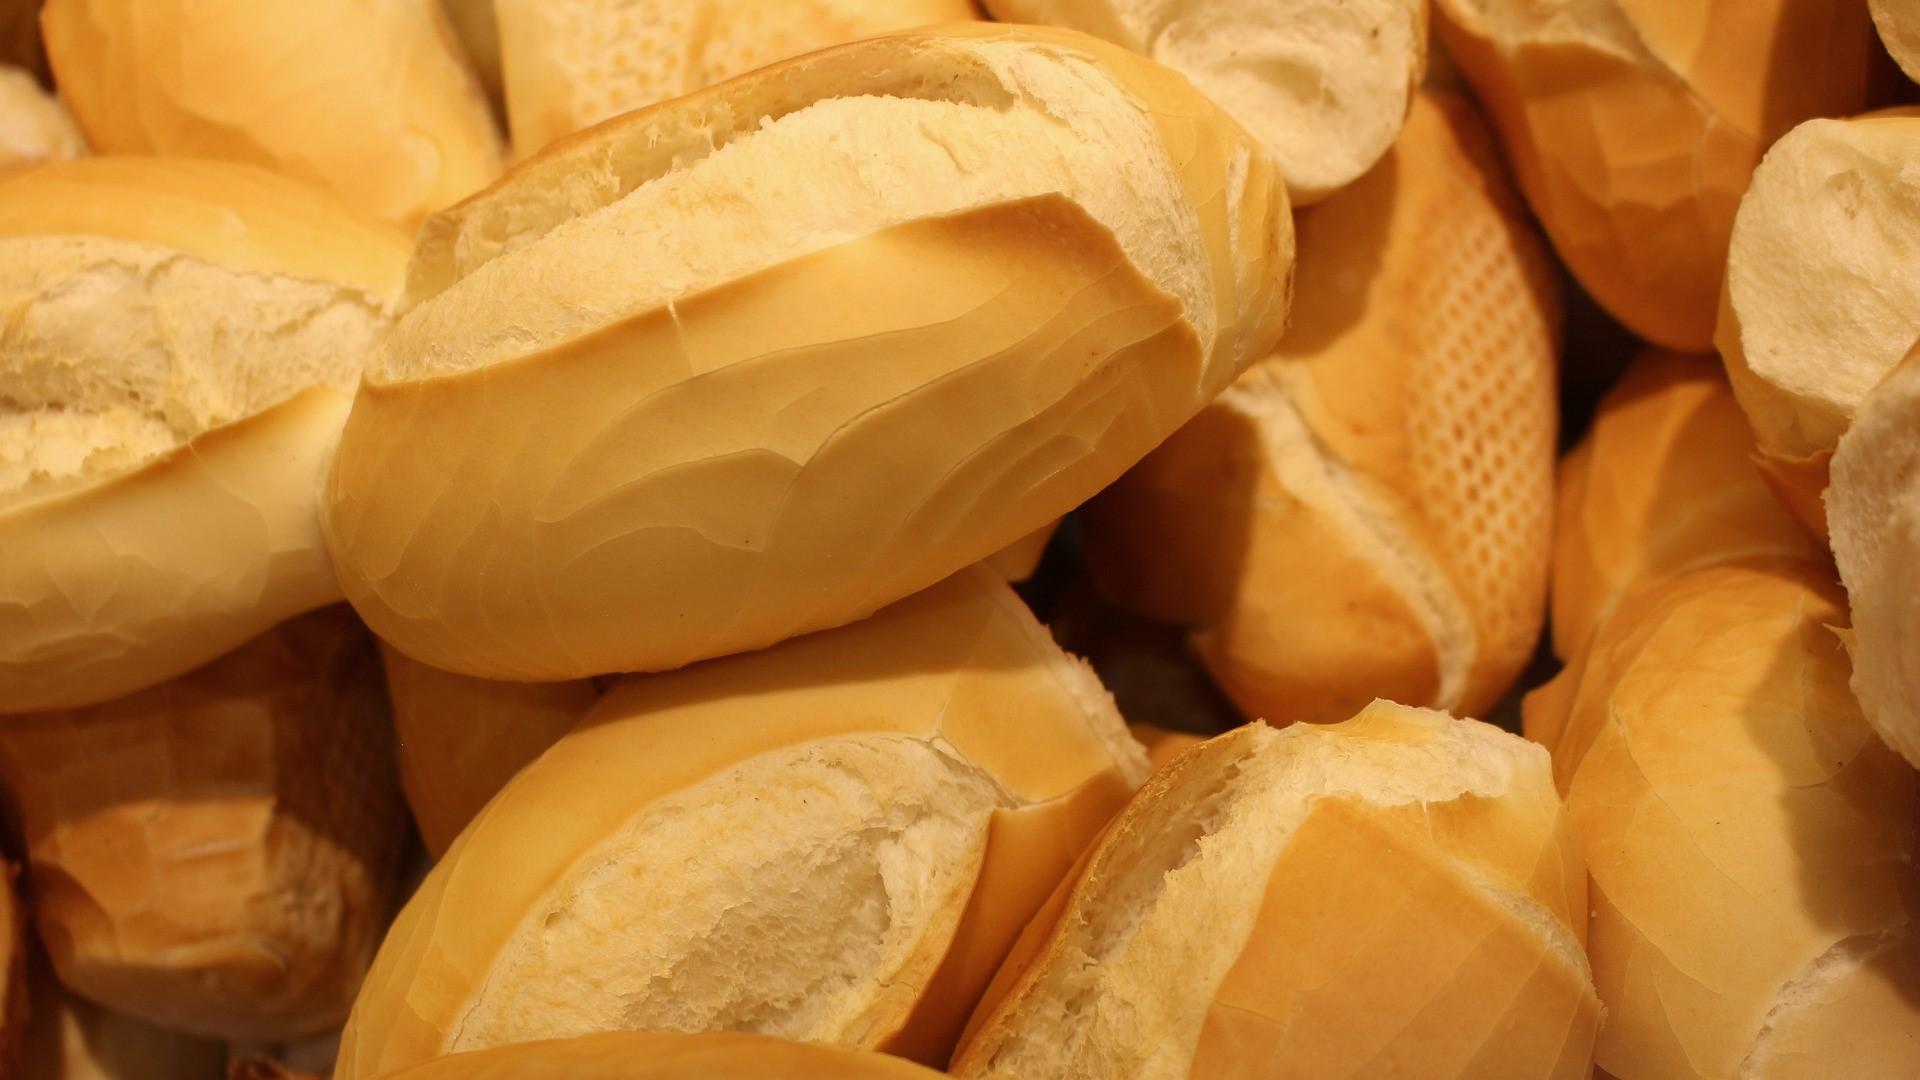 iFood deve começar a oferecer assinatura de pães quentinhos em breve